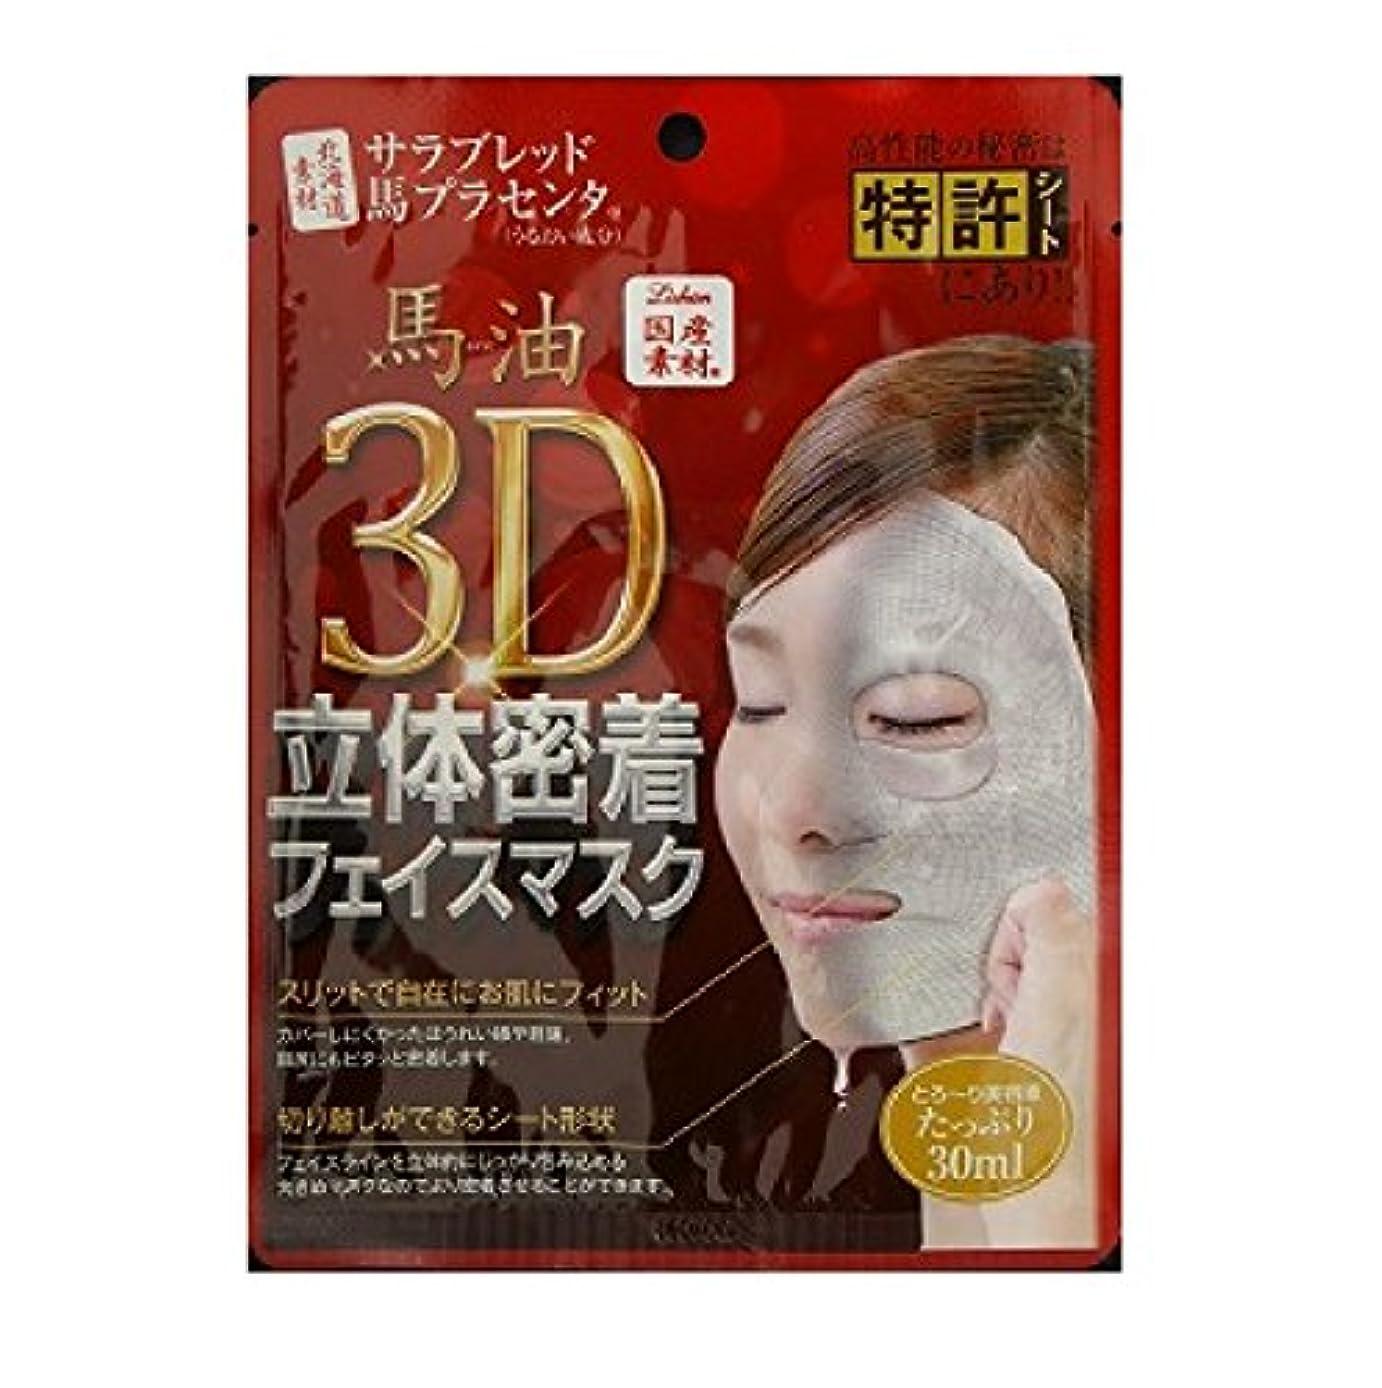 パッケージ邪悪な未知のナヴィス リシャン馬油3D立体密着フェイスマスク無香料 1枚入り